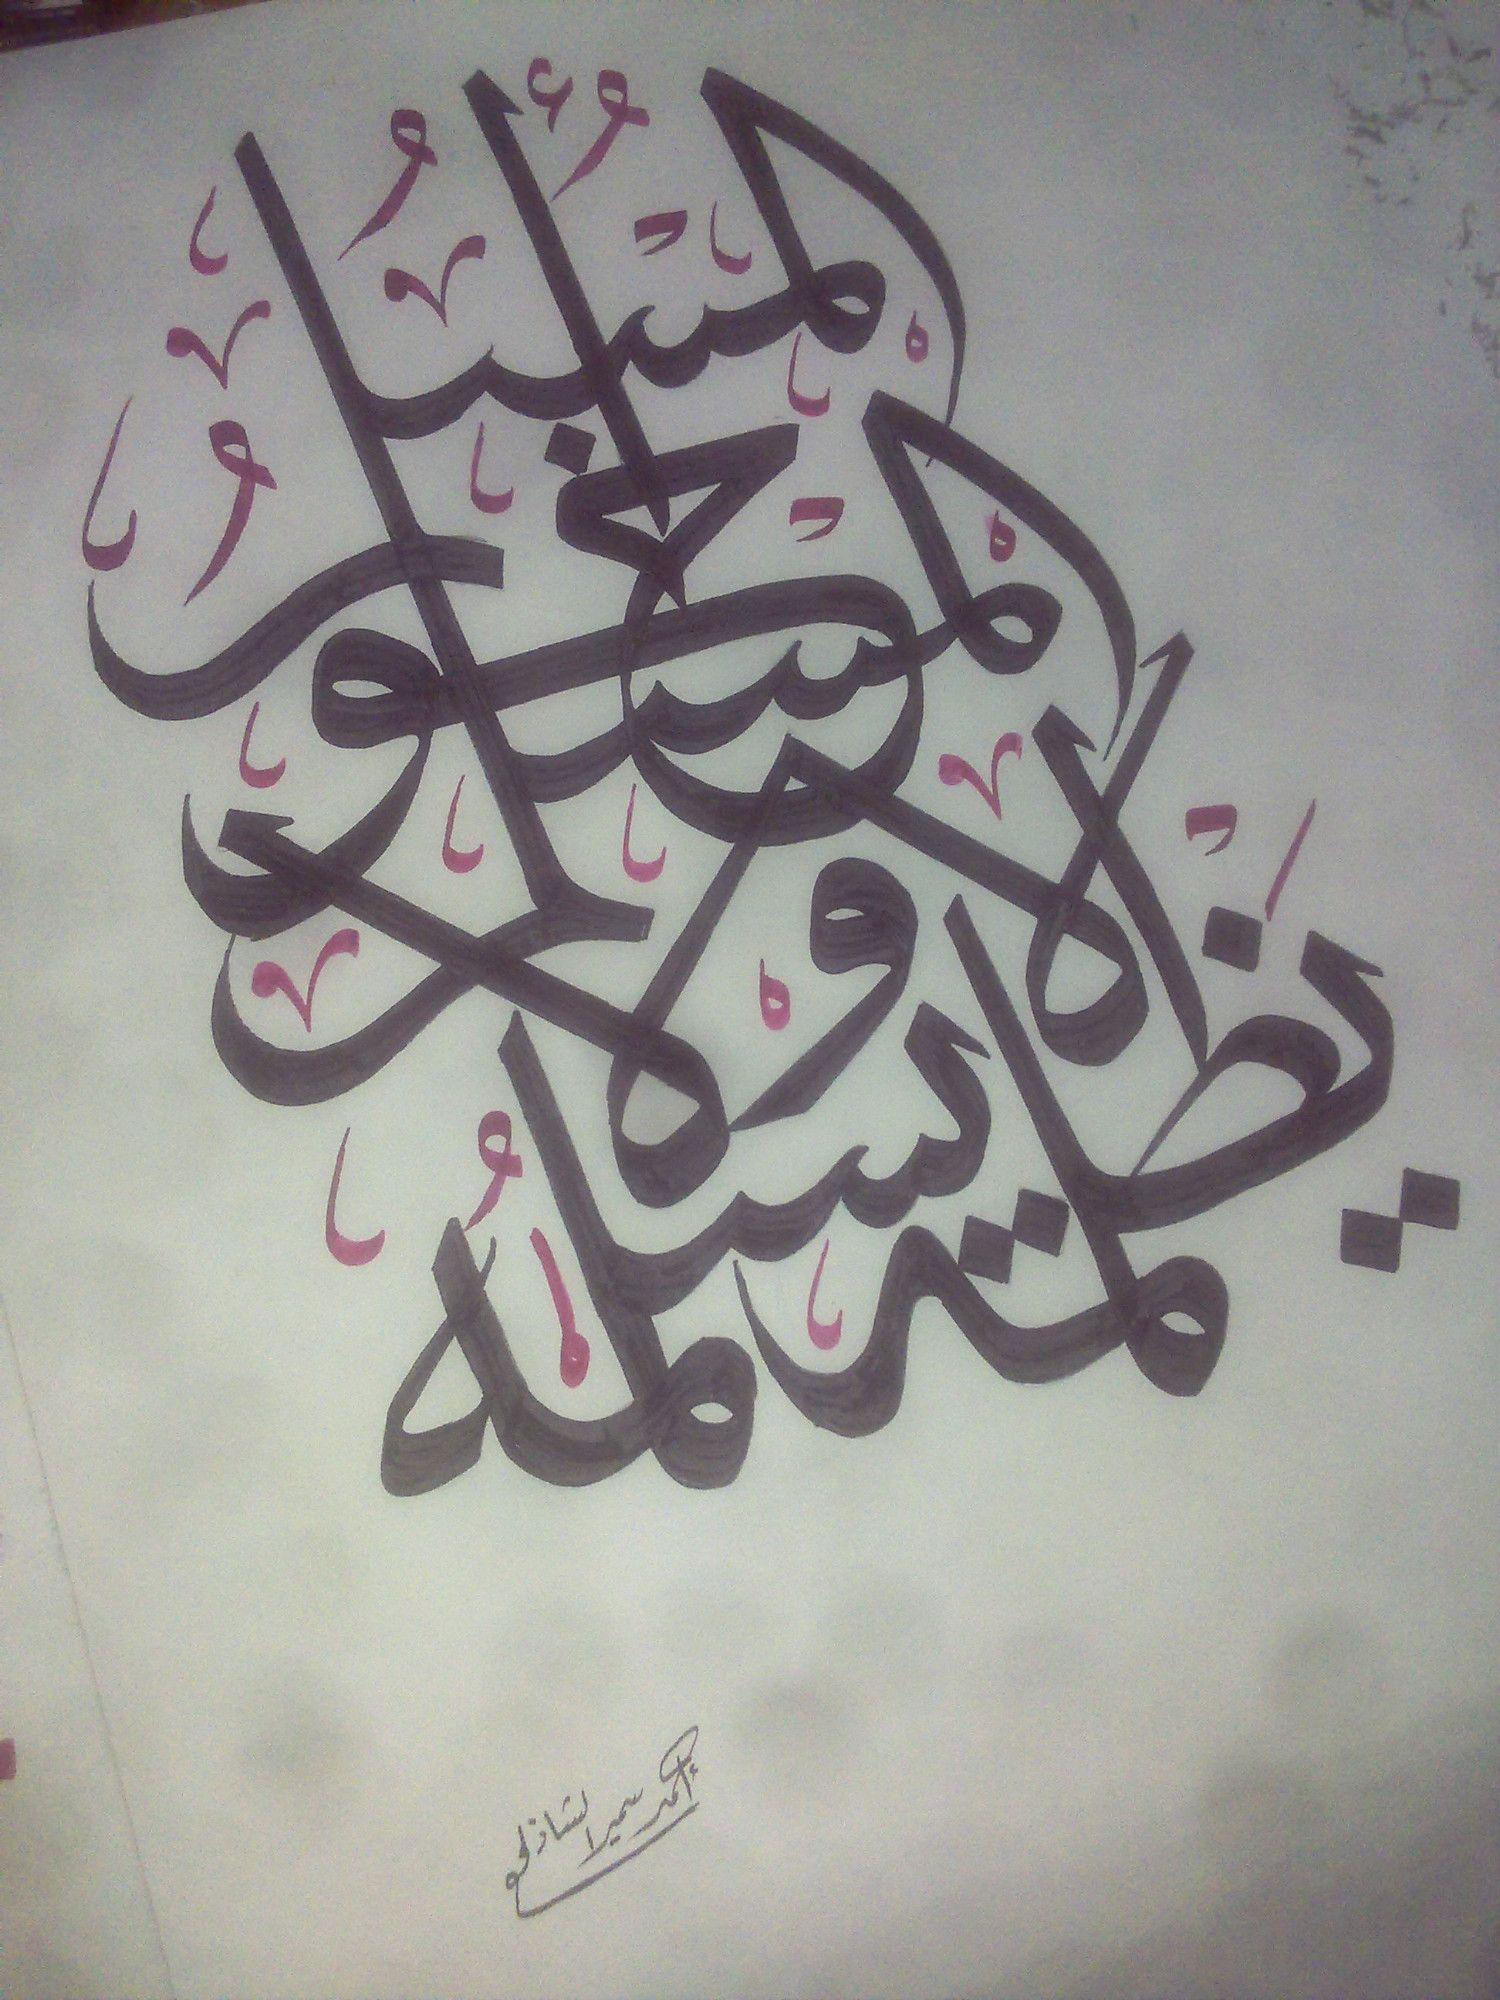 المسلم اخو المسلم 35x50cm Calligraphy Arabic Calligraphy Arabic